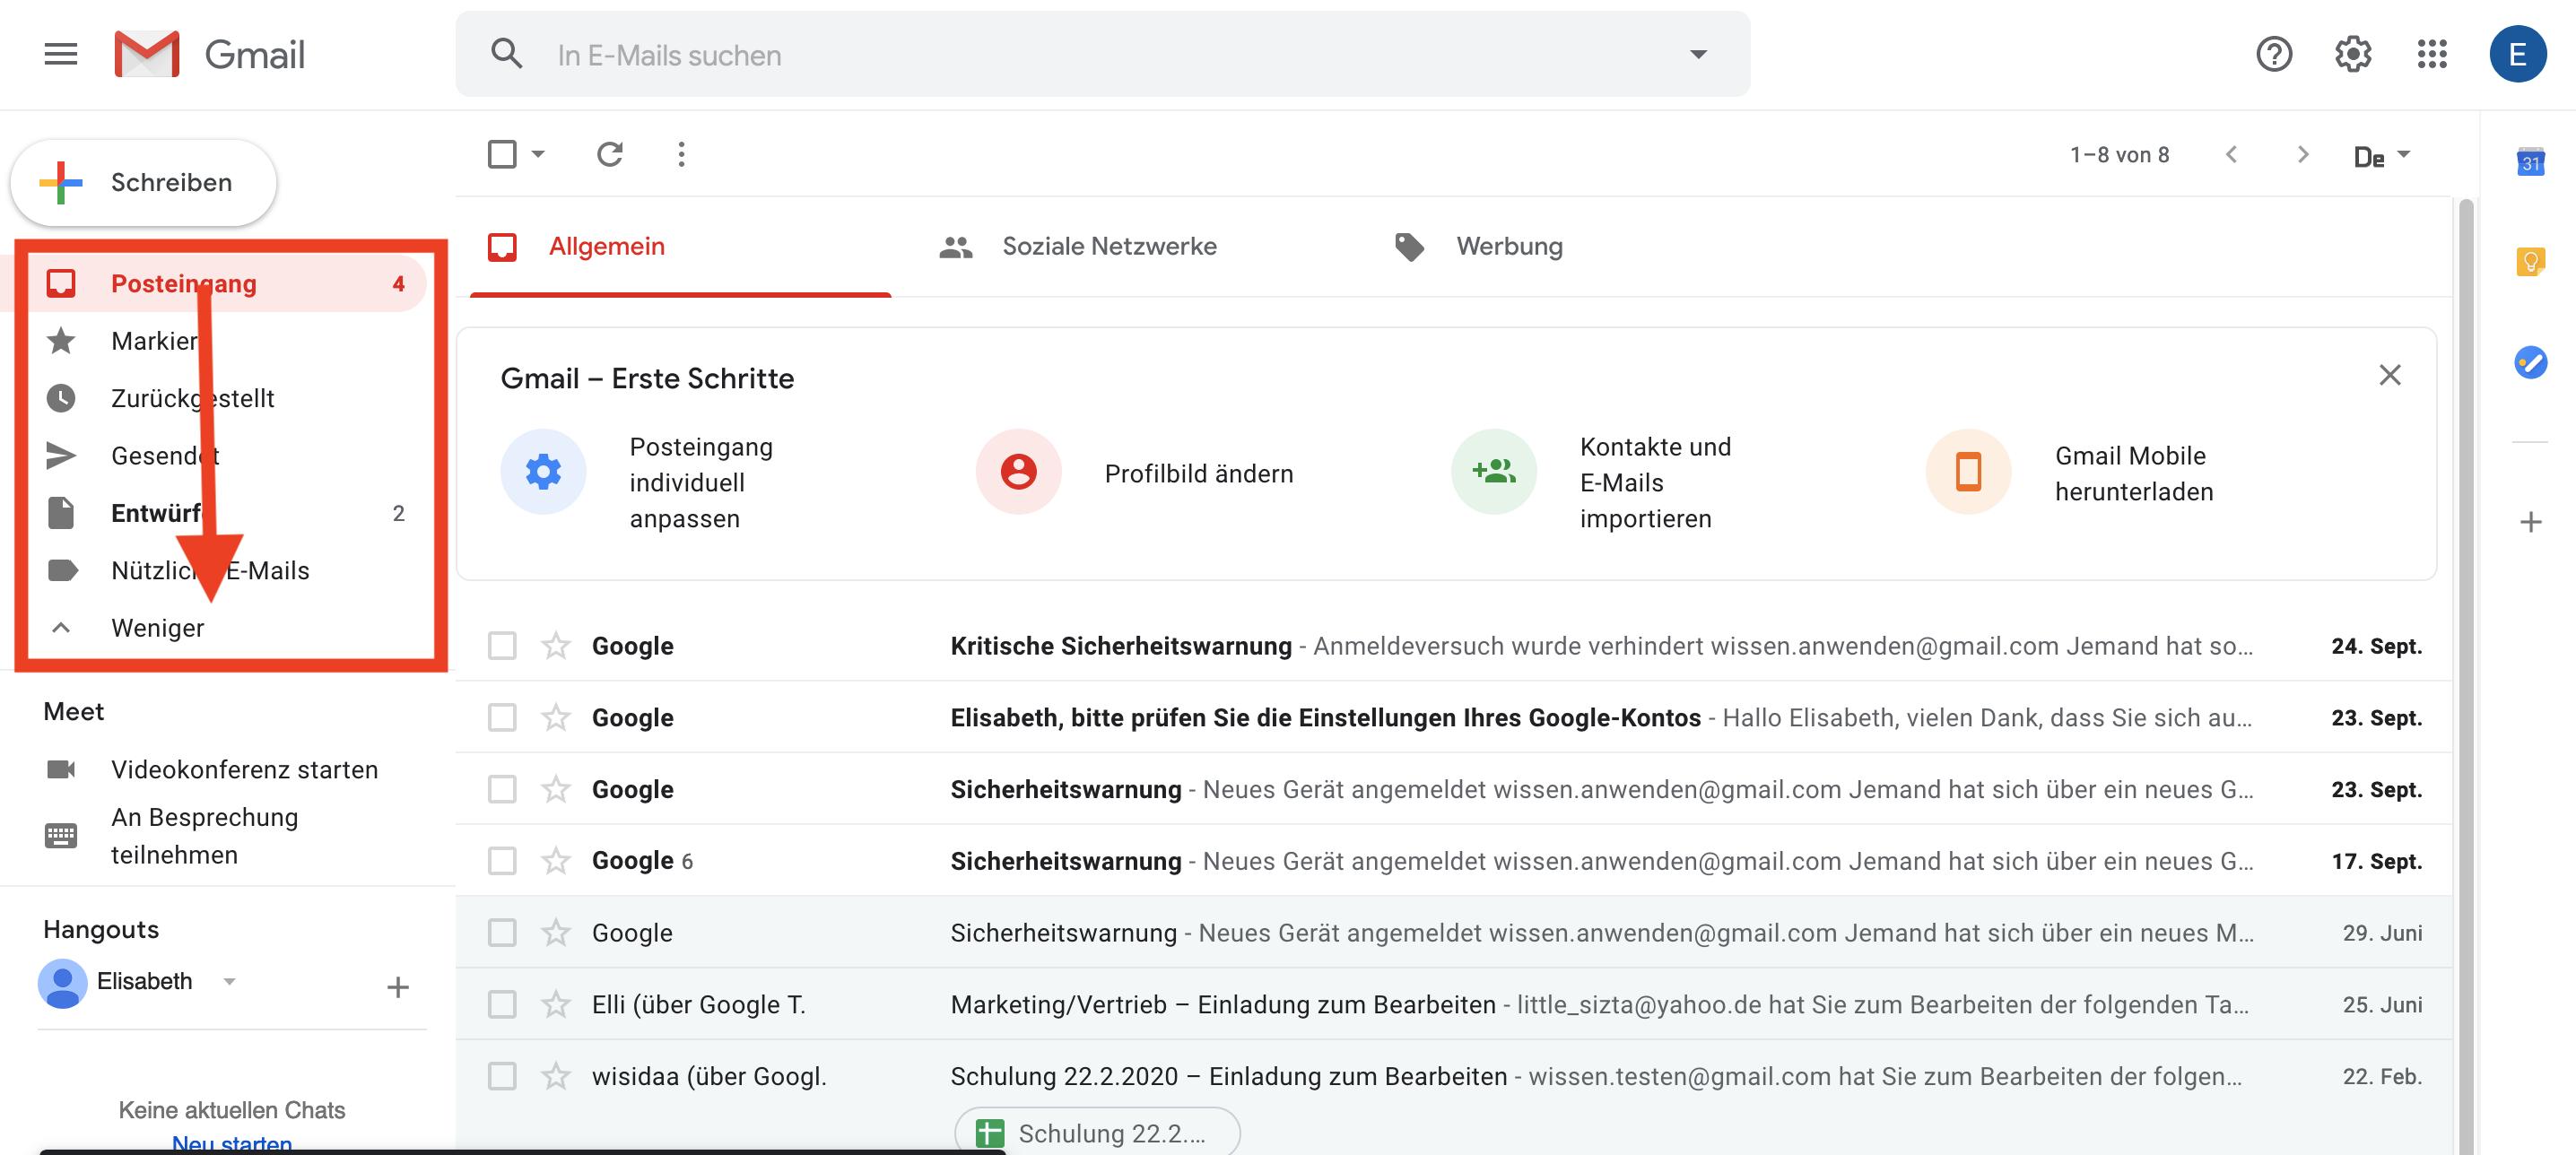 Gmail Ordner Label hinzufügen auswahl menu links